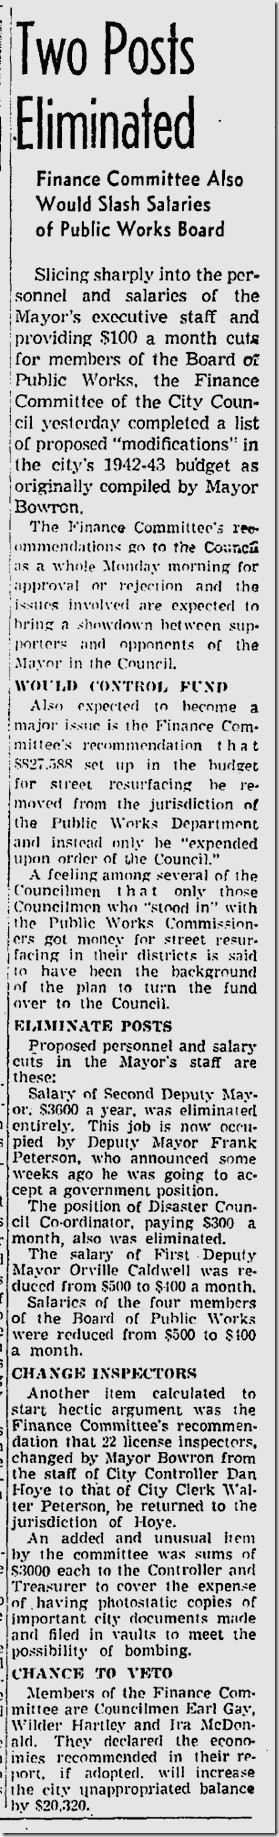 June 13, 1942, Budget Cuts